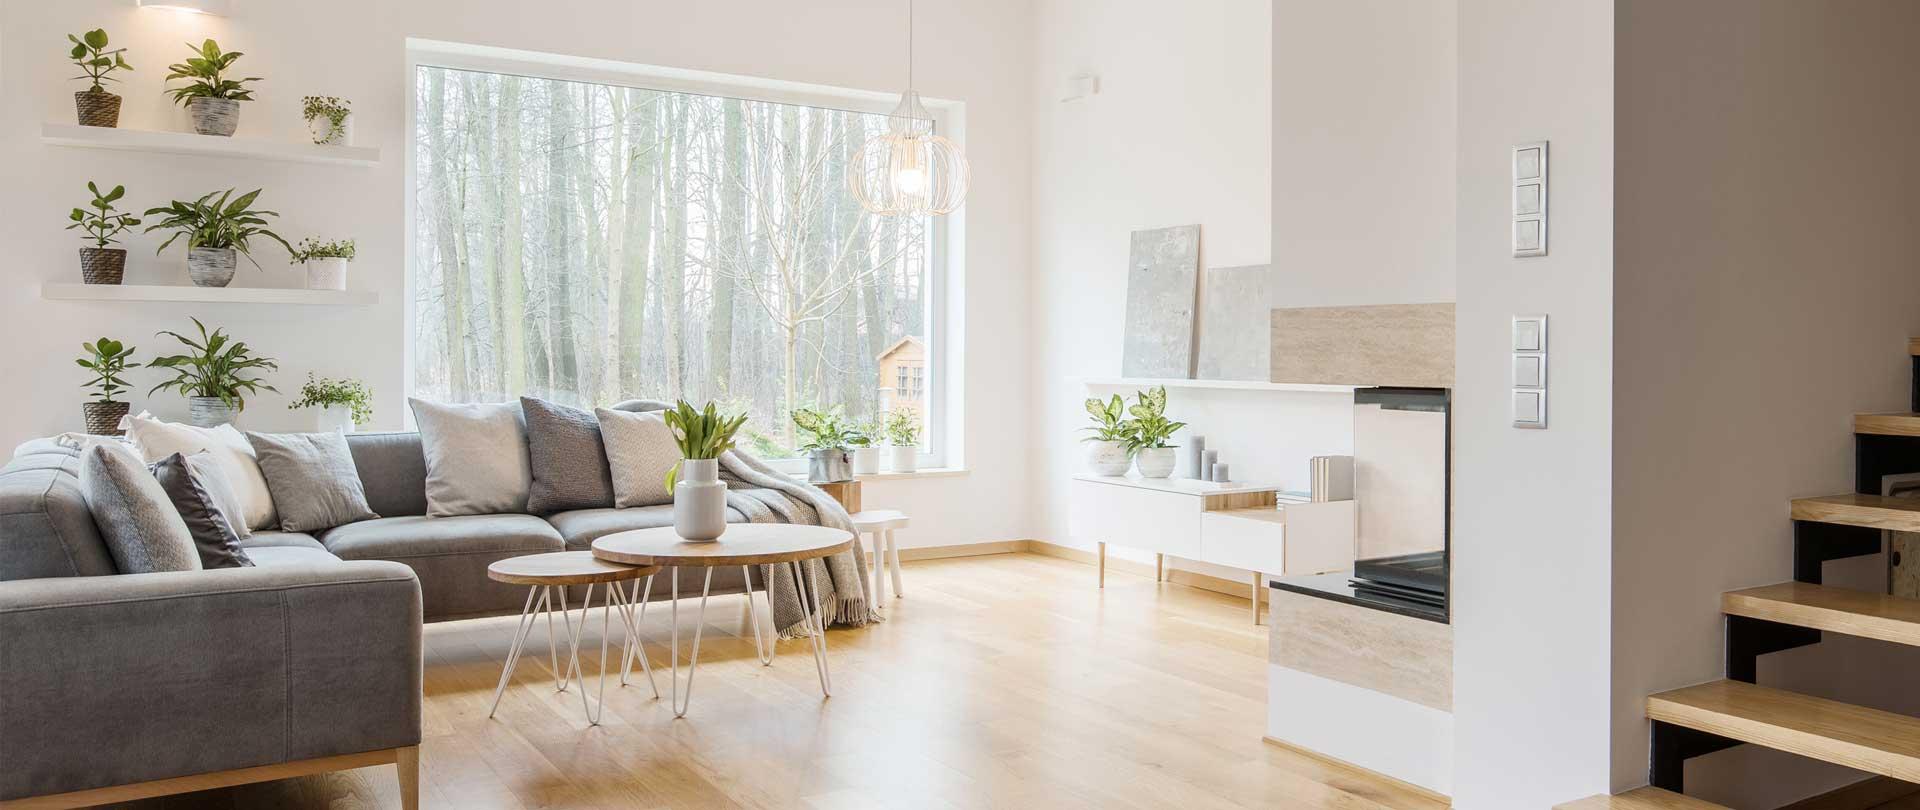 designwerk7 – Wir machen Wohnraum